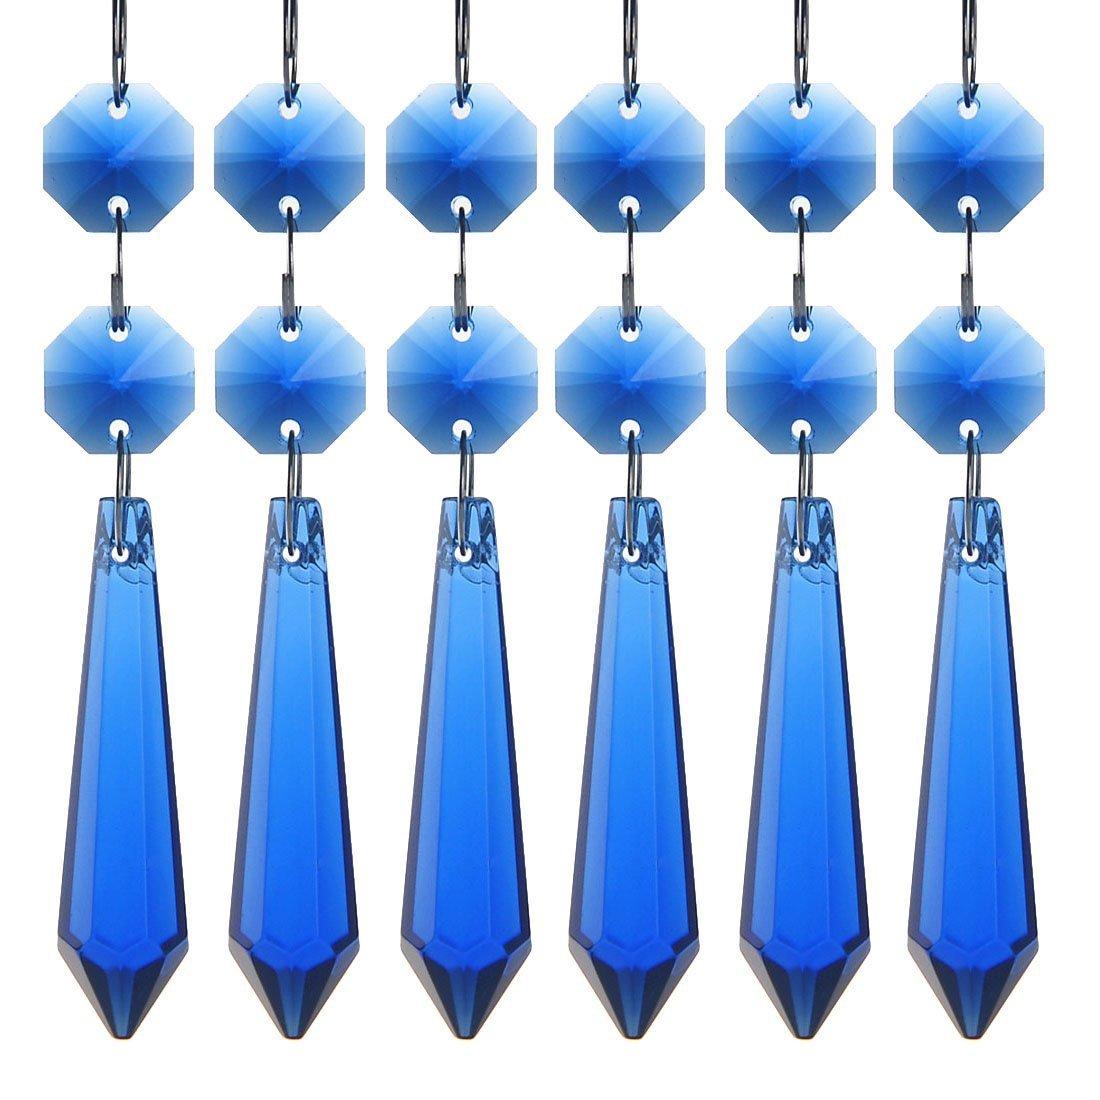 H&D 55mm Crystal Icicle Prisms Chandelier Drop Pendants Lamp Candelabra Parts, Pack of 10 (Cobalt Blue)